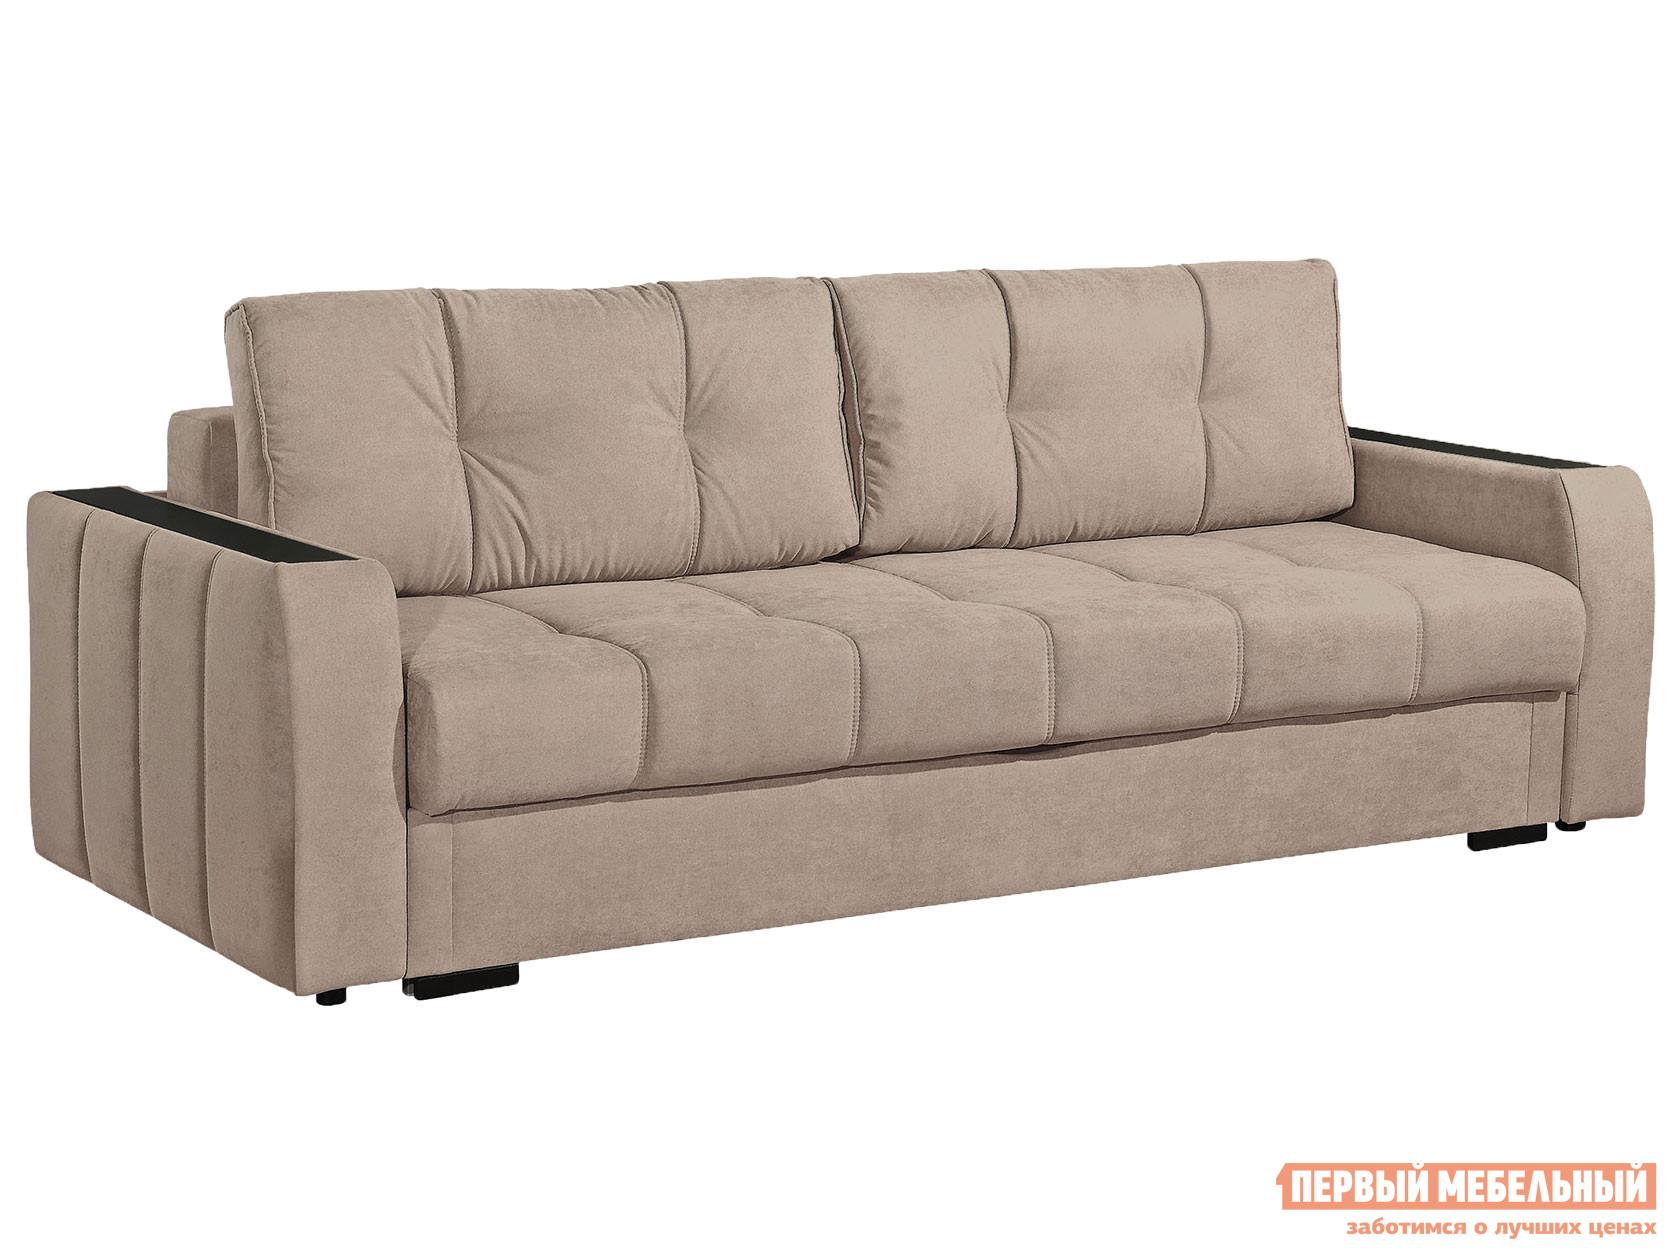 Прямой диван Первый Мебельный Диван Бостон Люкс